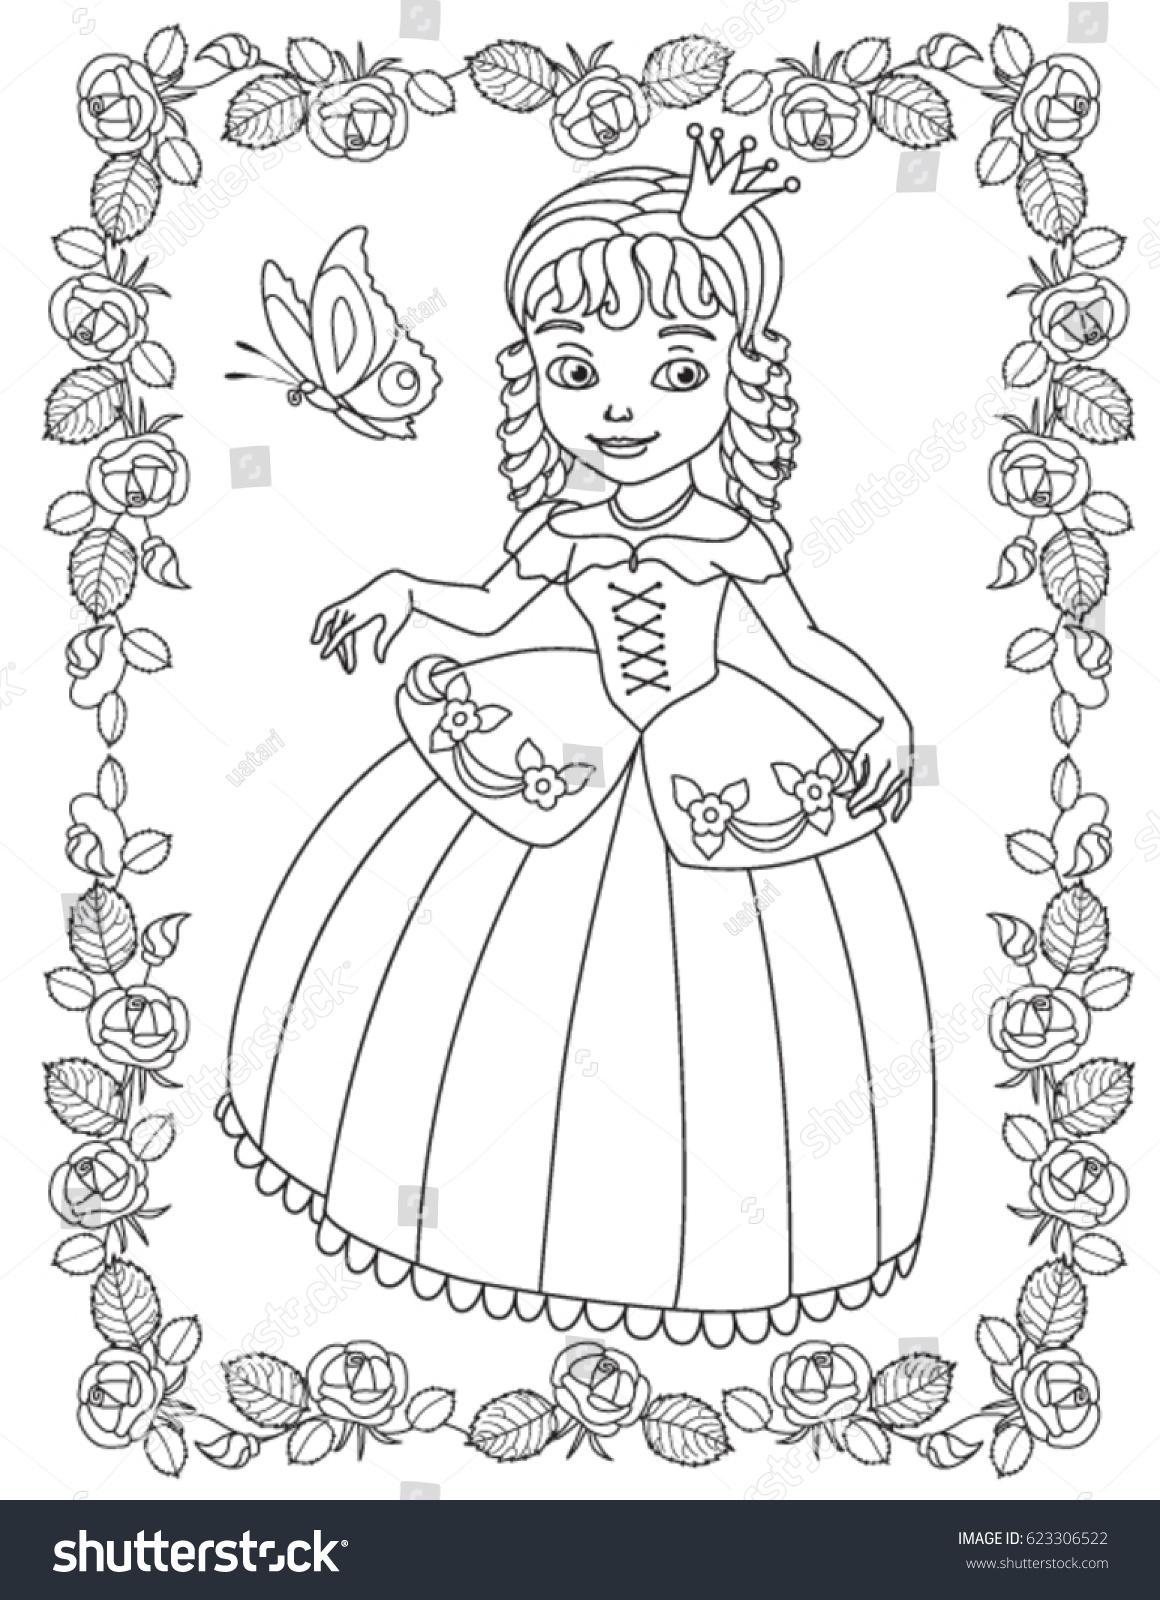 Princess Coloring Book Stock Vector 623306522